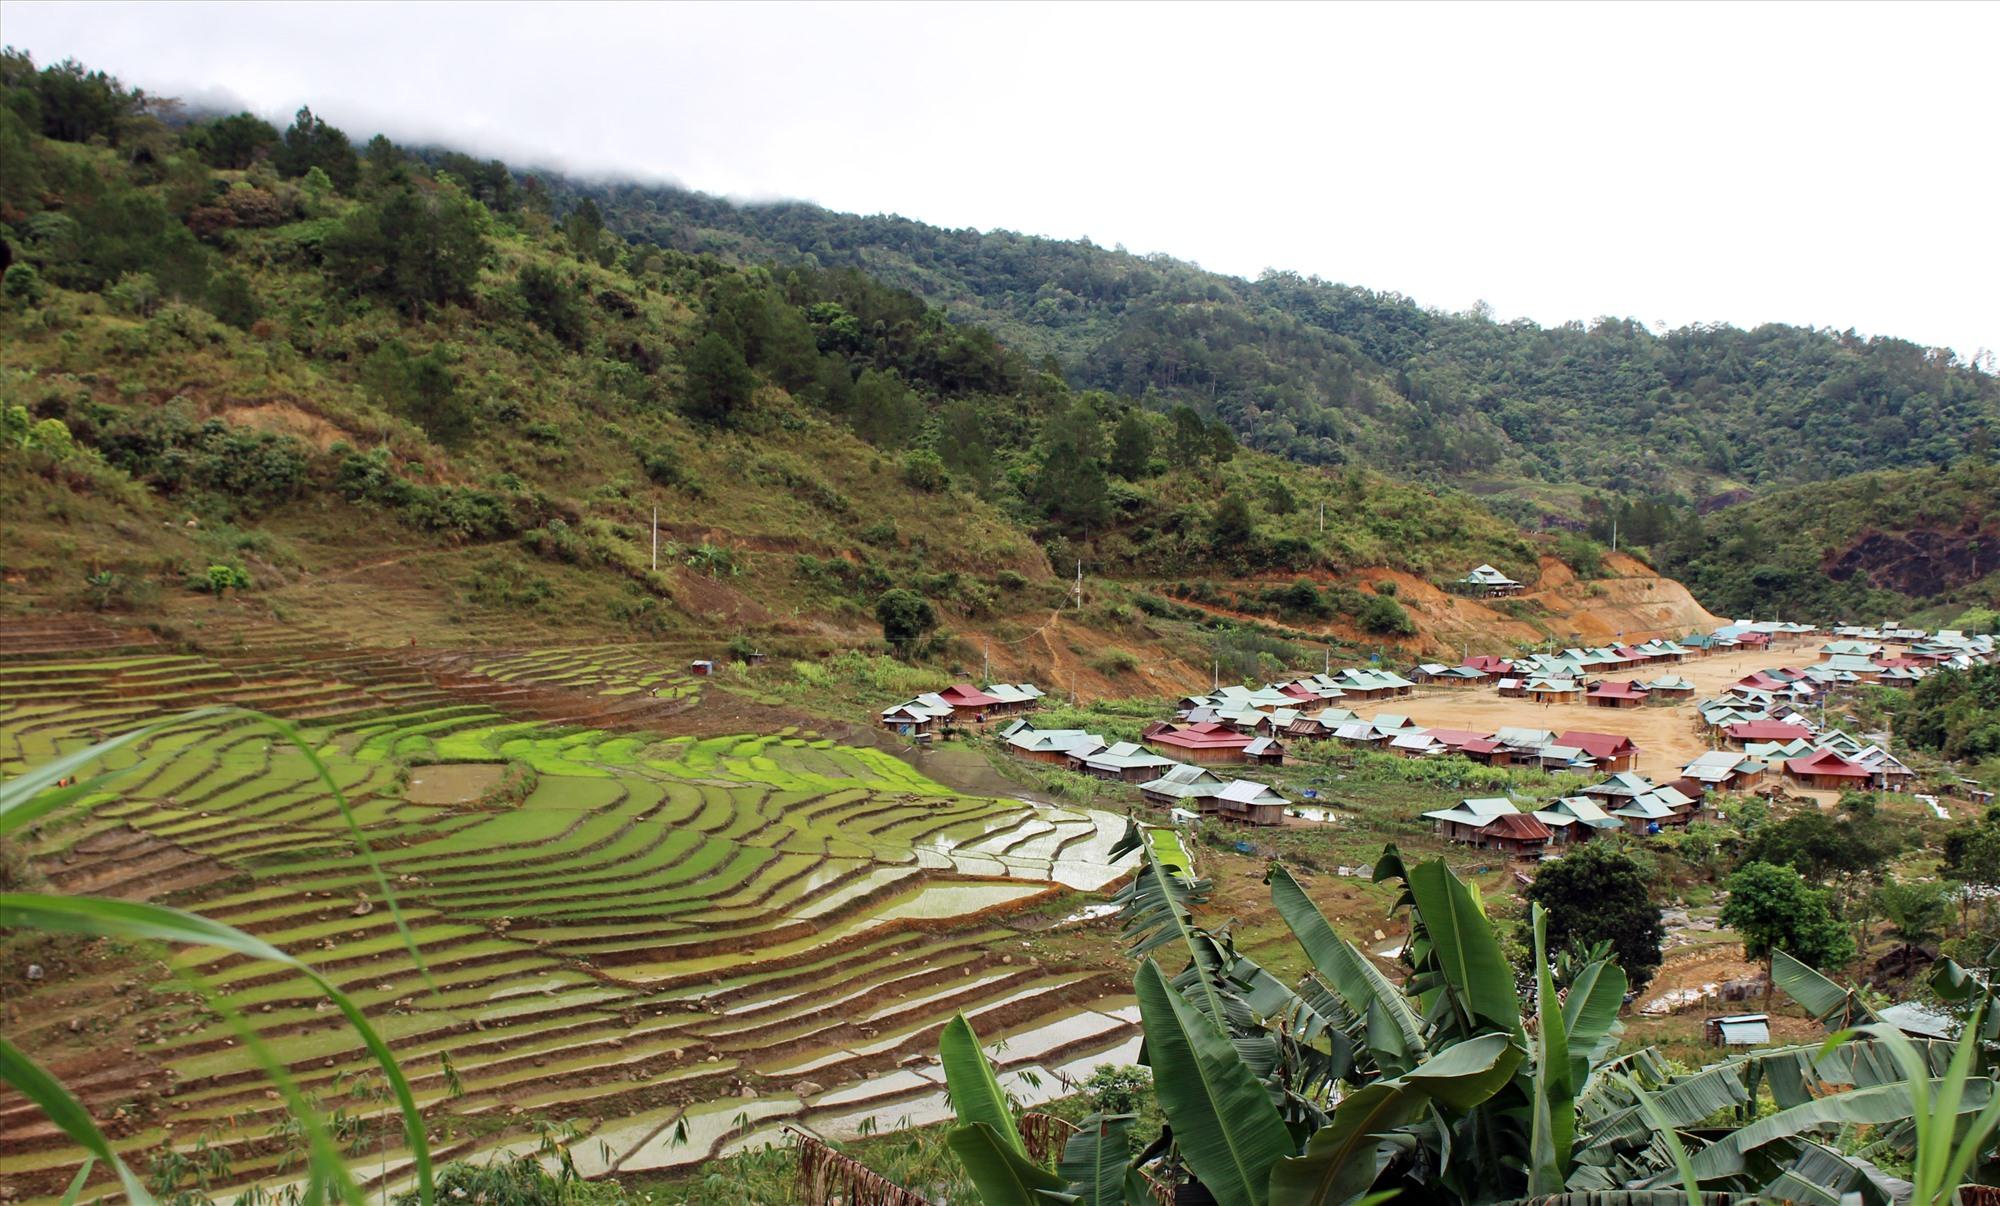 Làng mới Kínonh (xã A Xan) được đầu tư san ủi bố trí ổn định dân cư từ chương trình xây dựng NTM. Ảnh: Đ.H